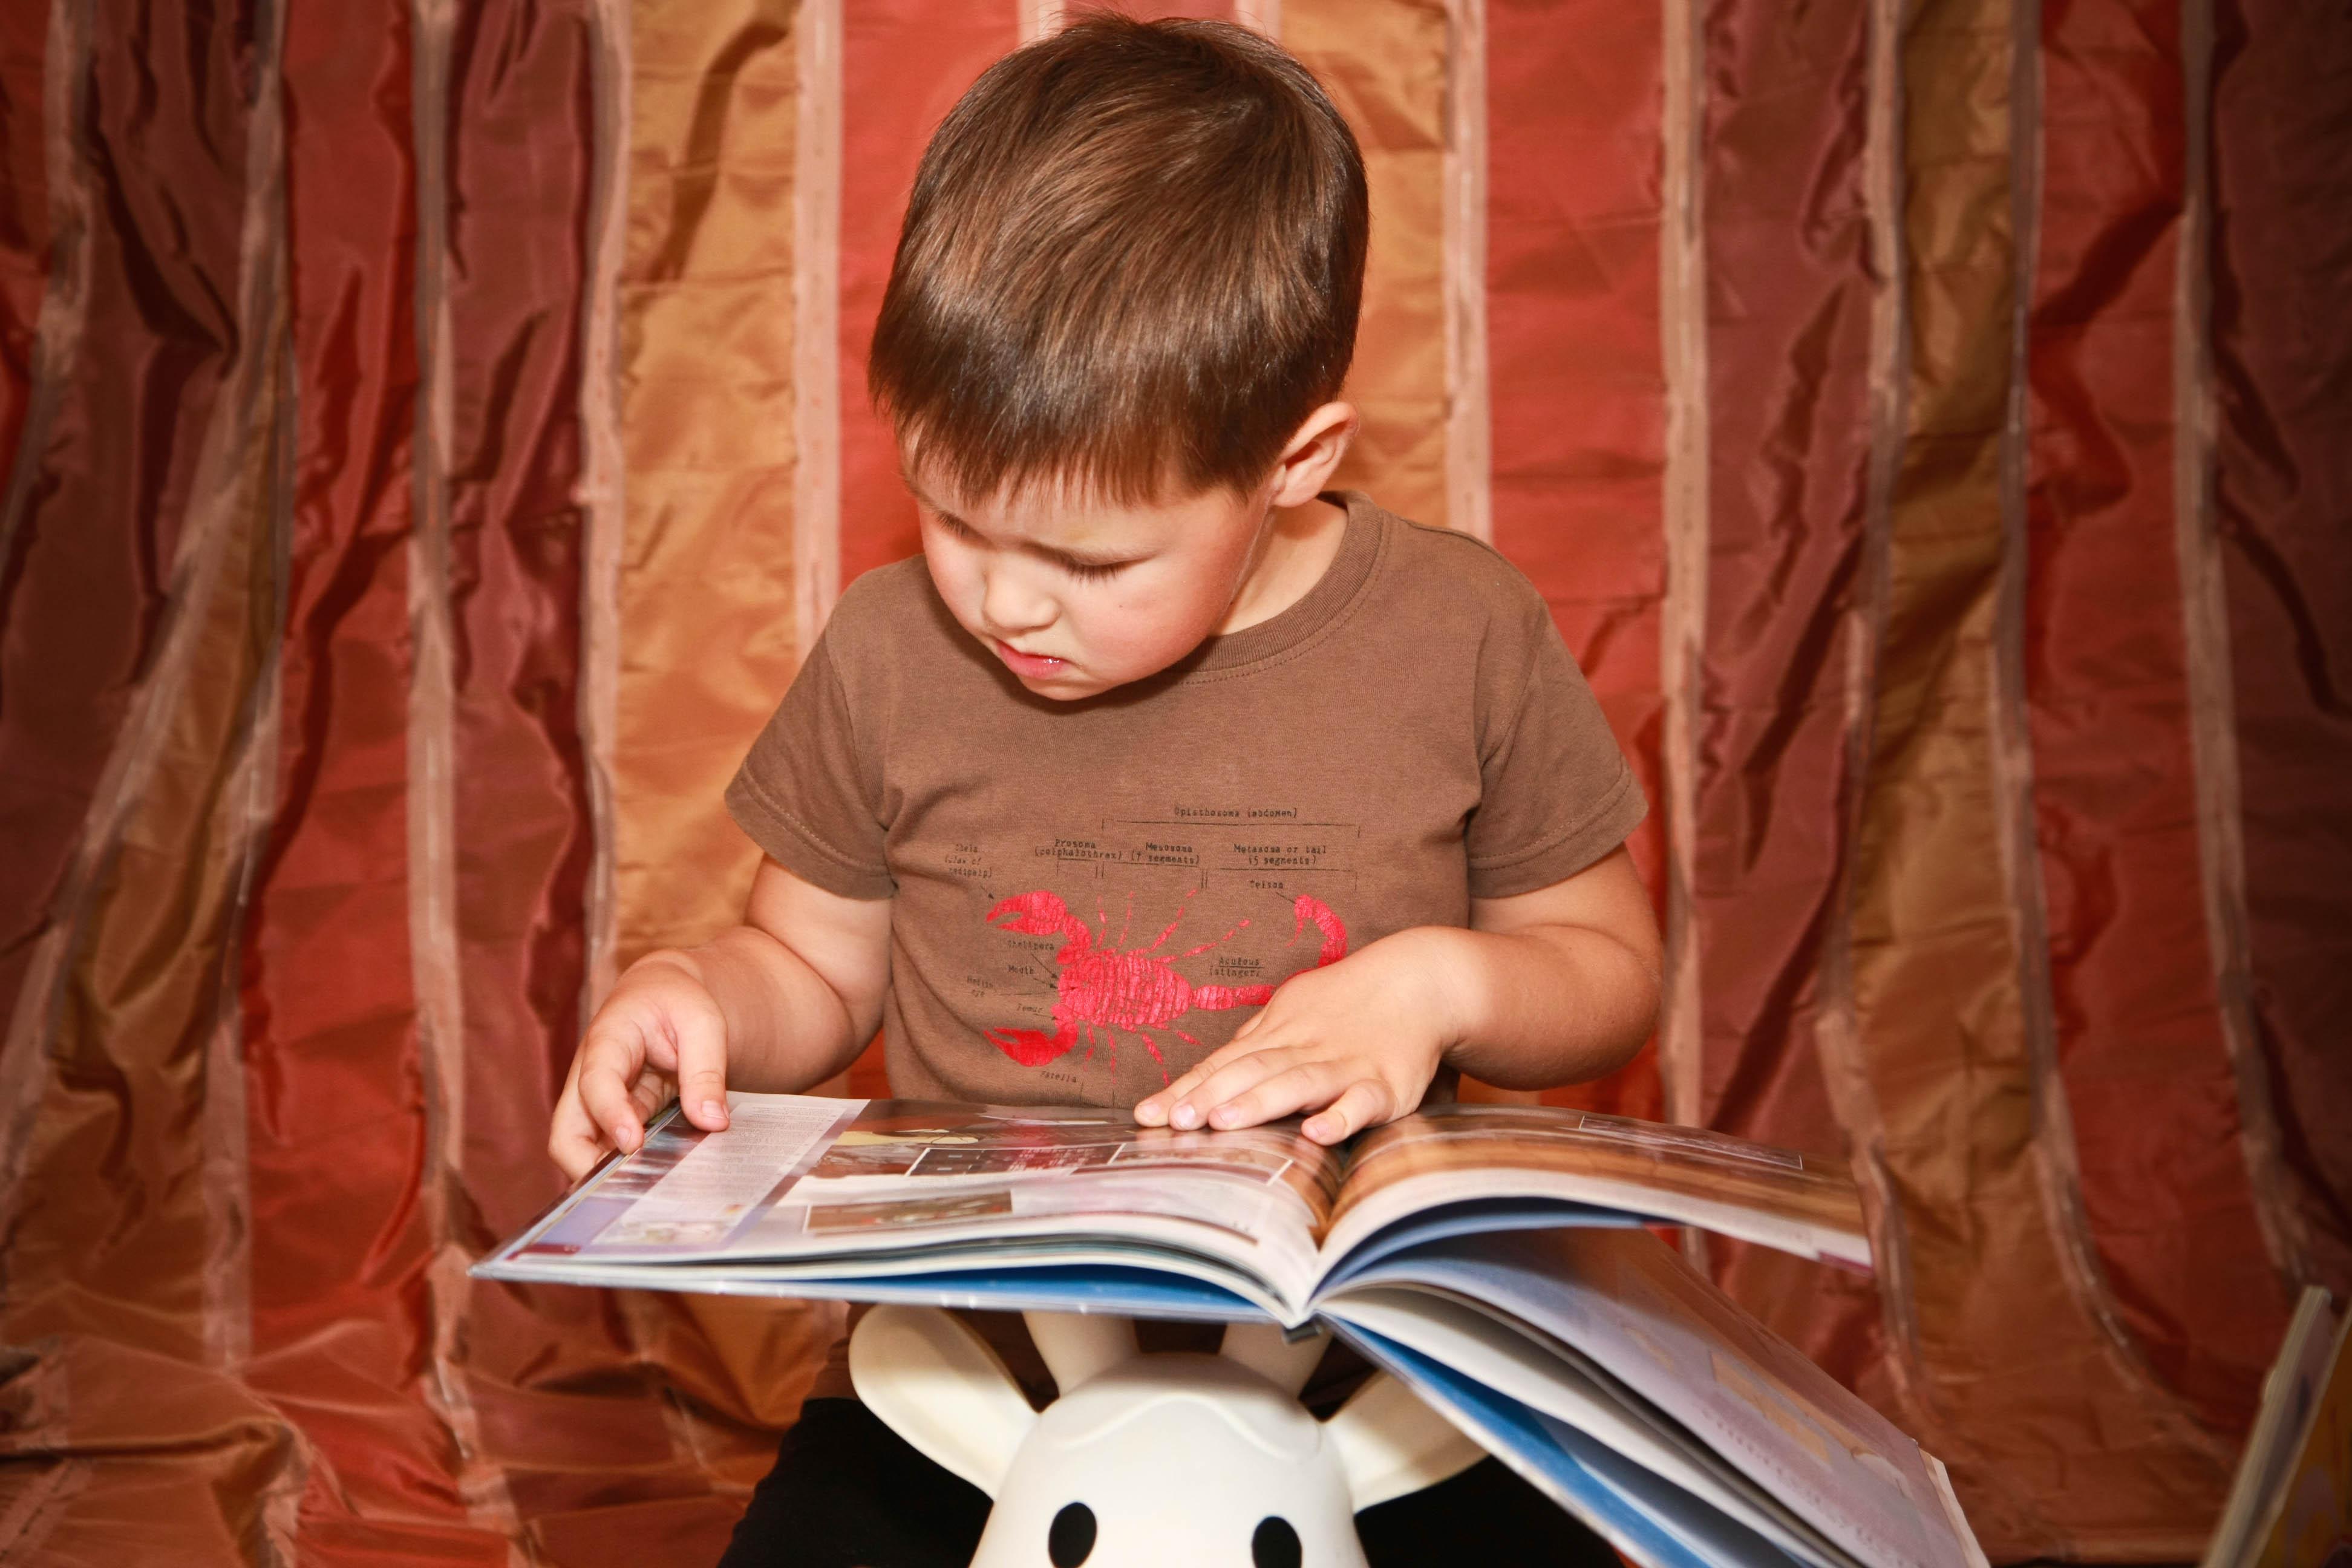 читаем - изучаем.